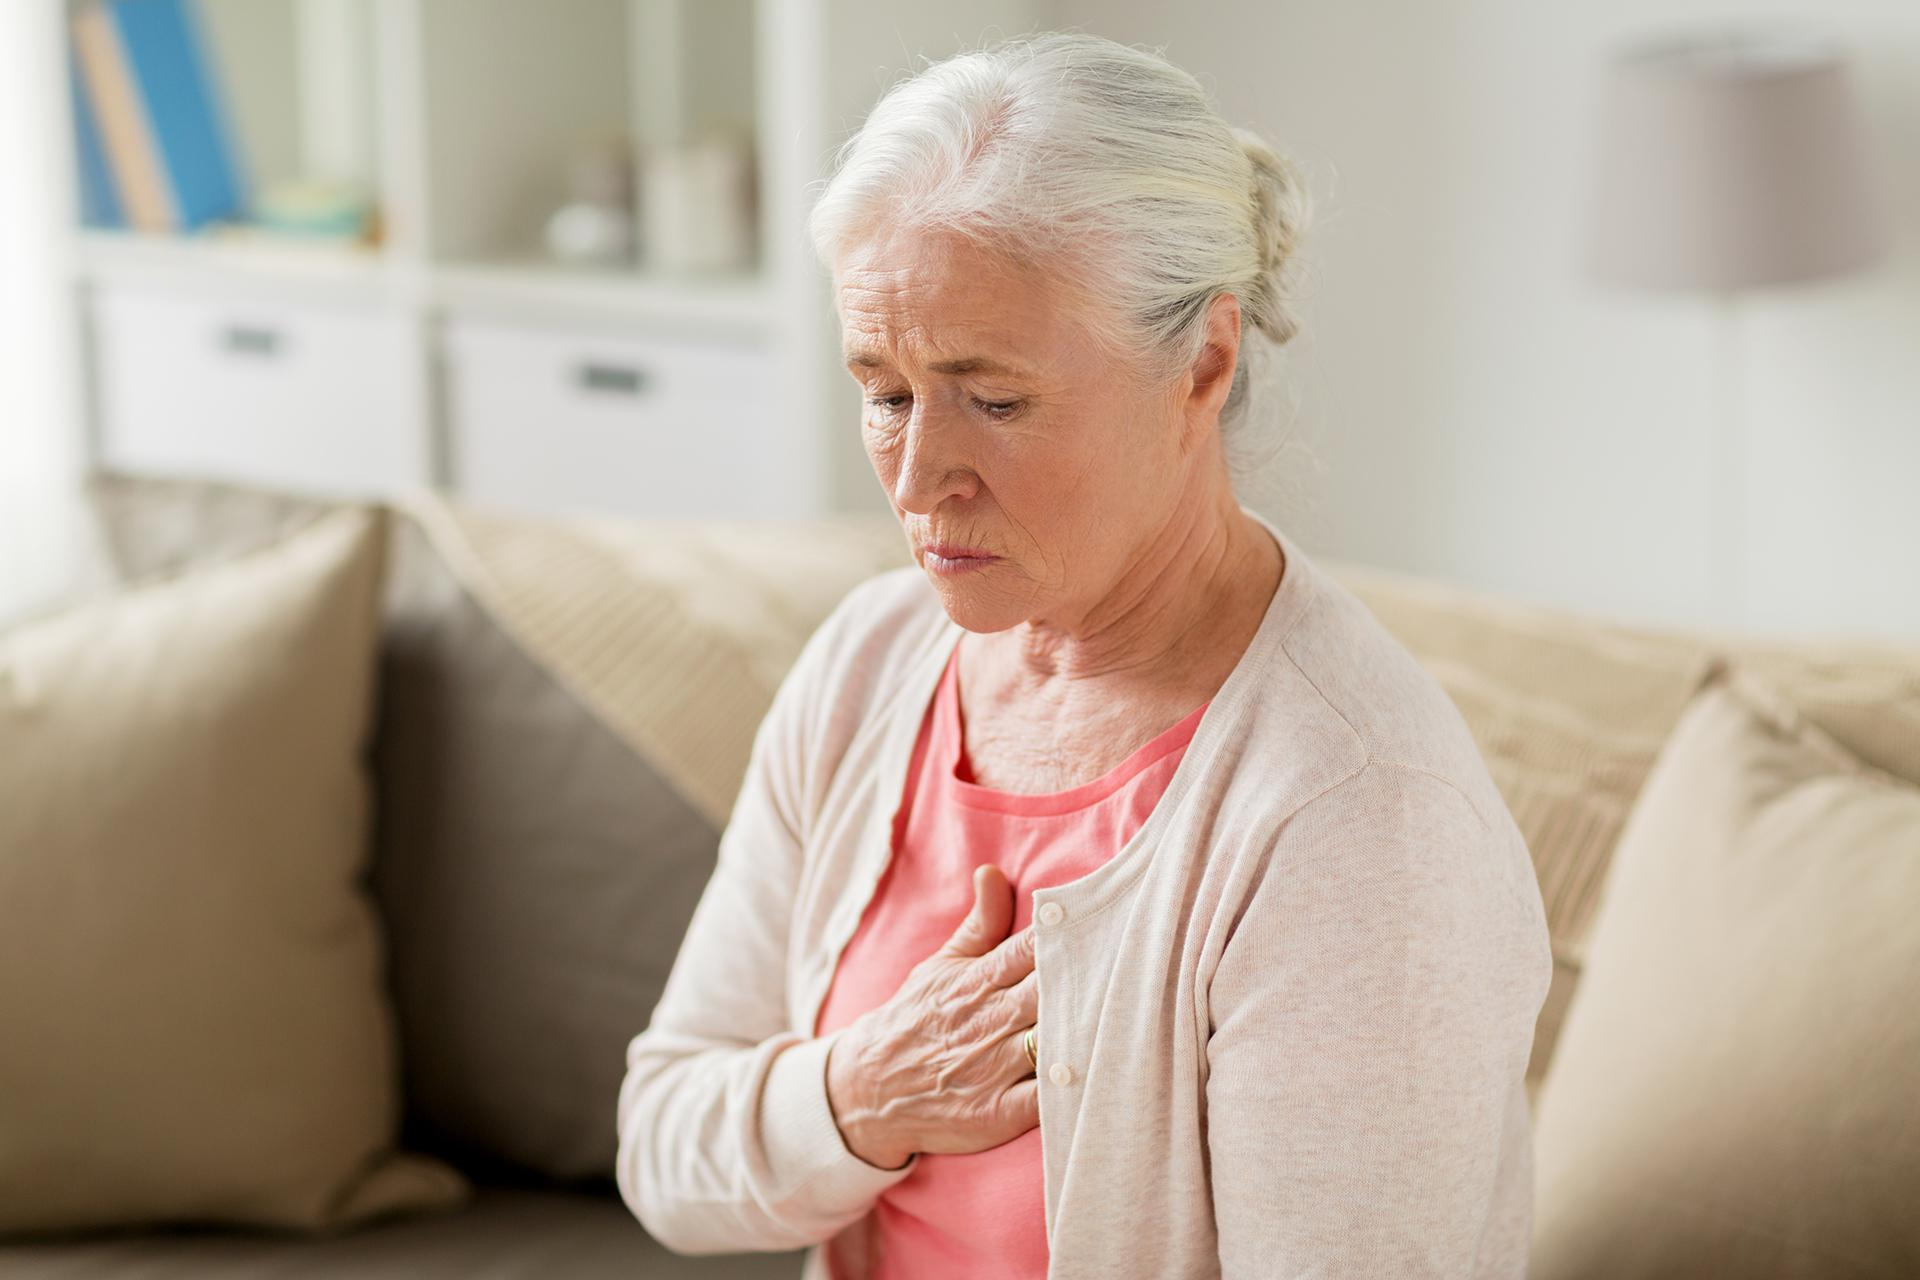 heart-patient-oxnard